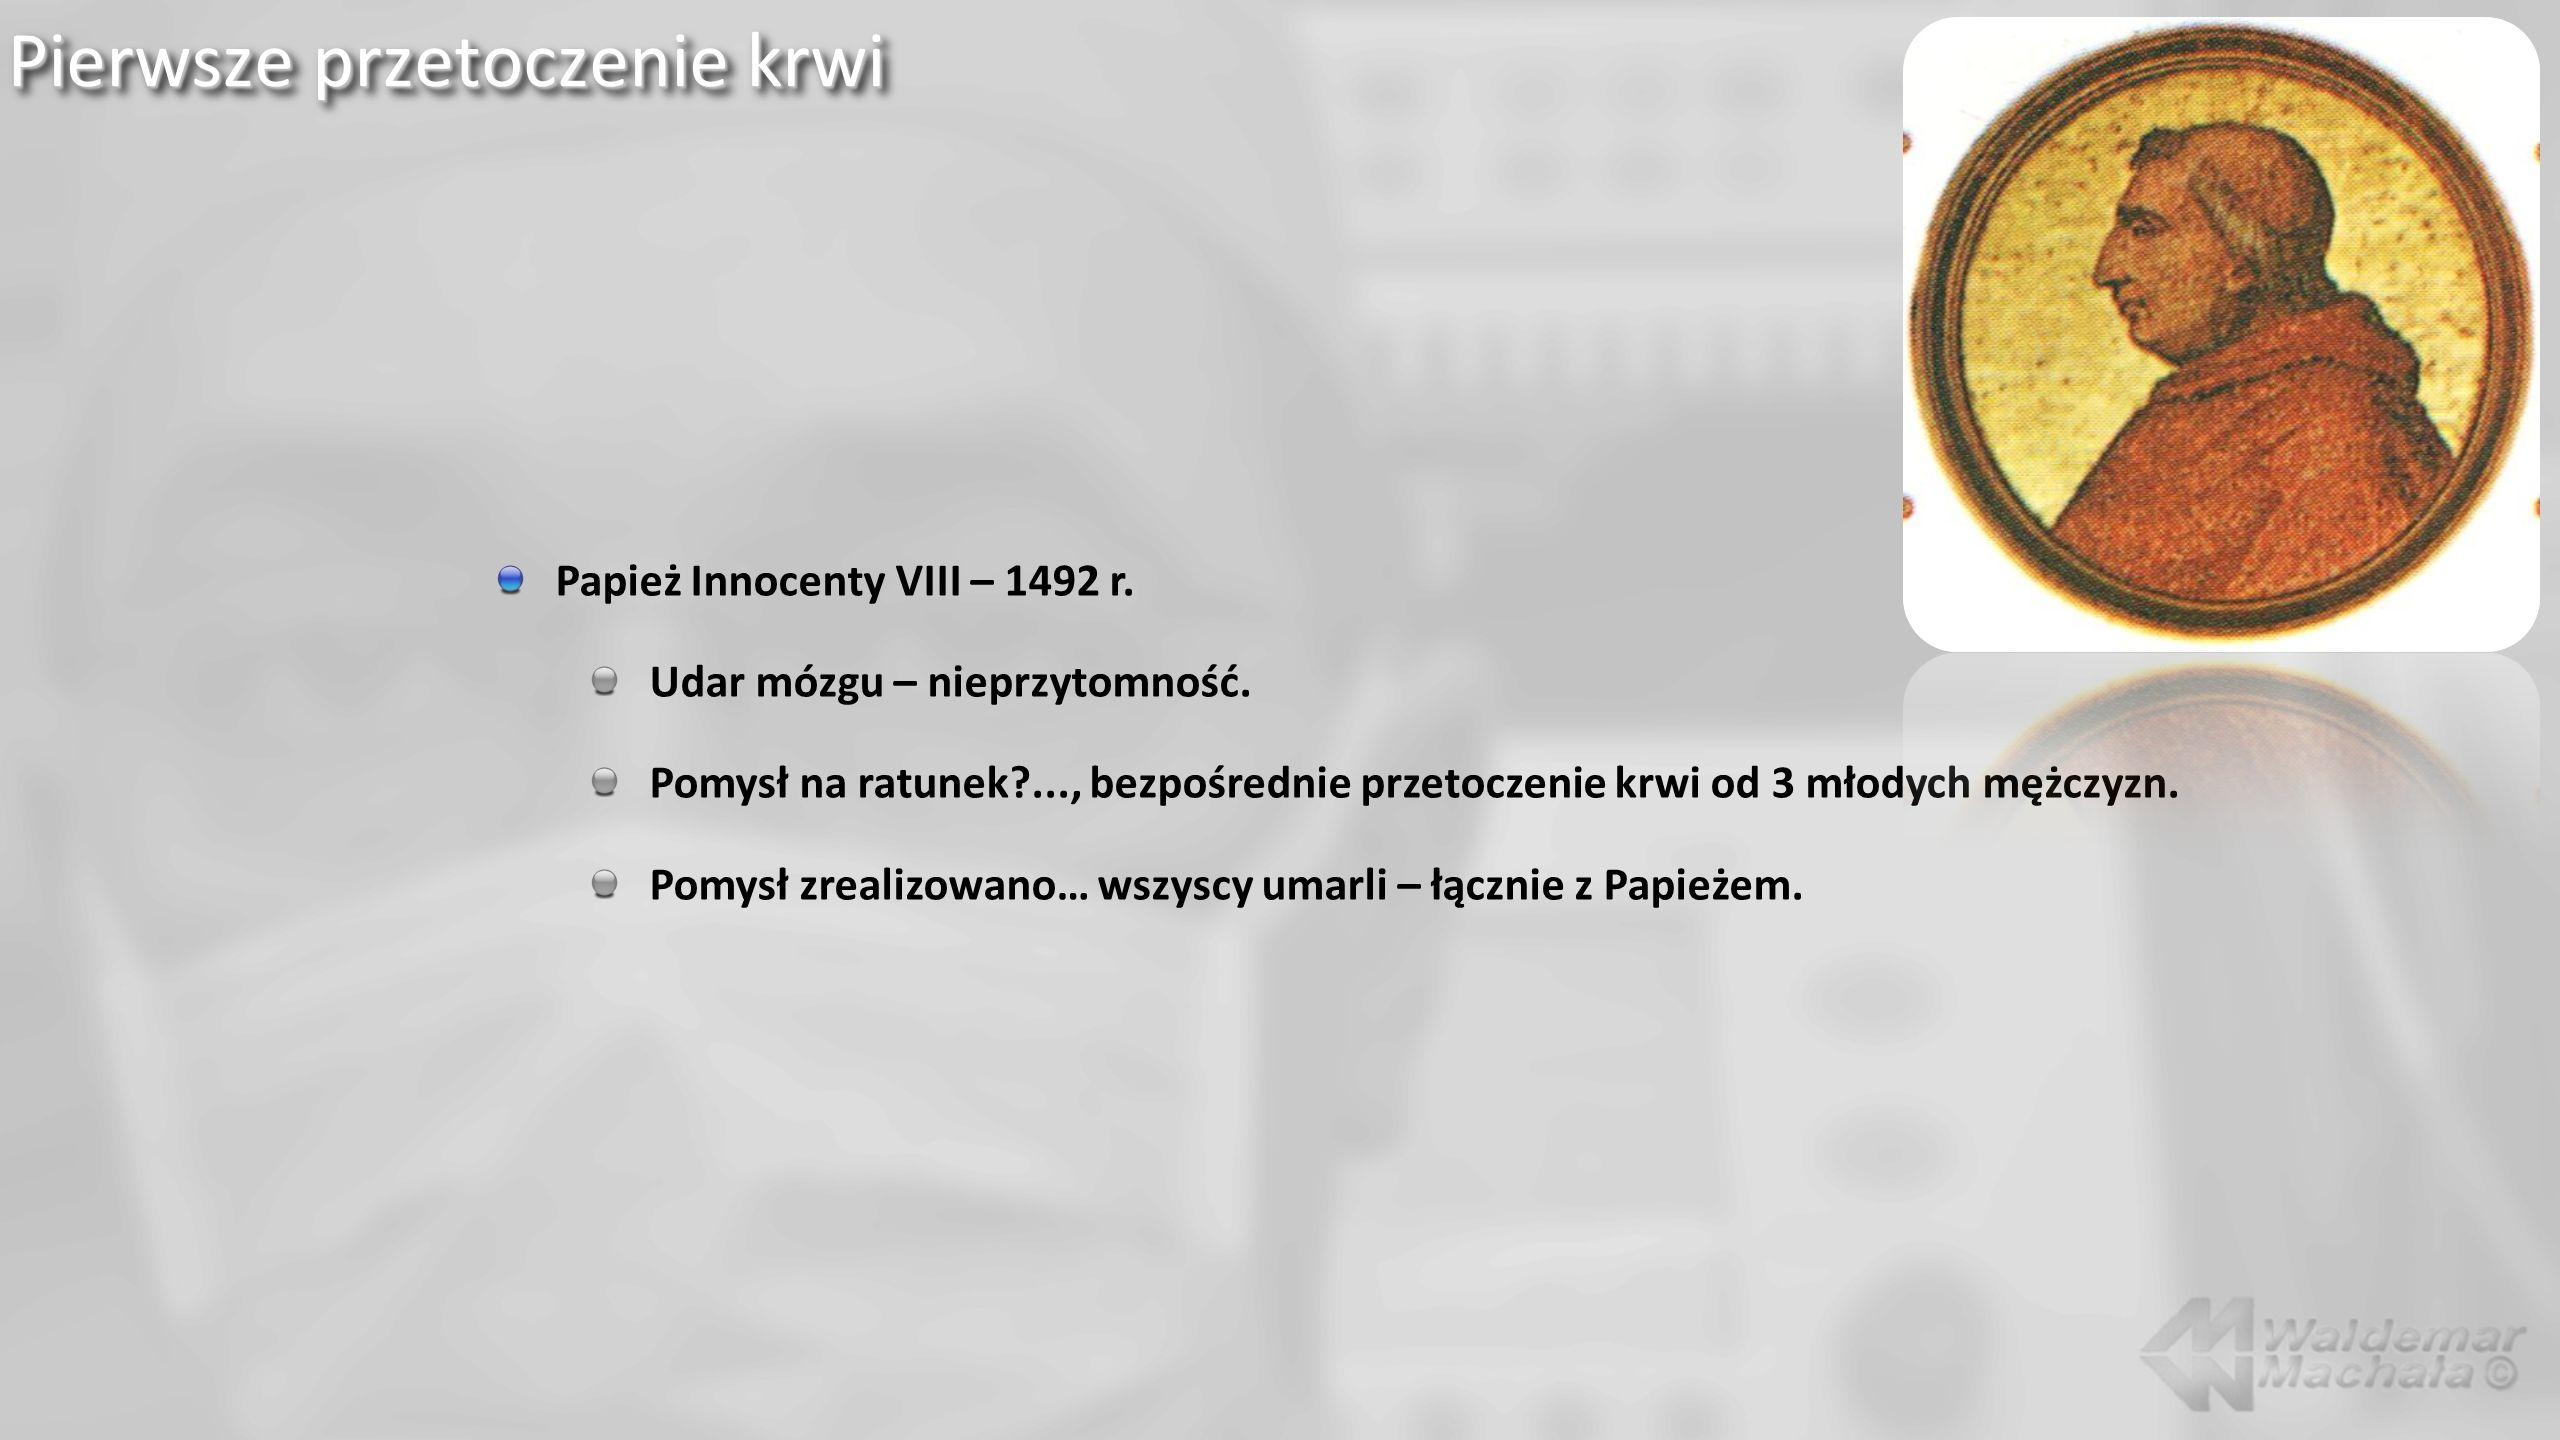 Pierwsze przetoczenie krwi Papież Innocenty VIII – 1492 r.